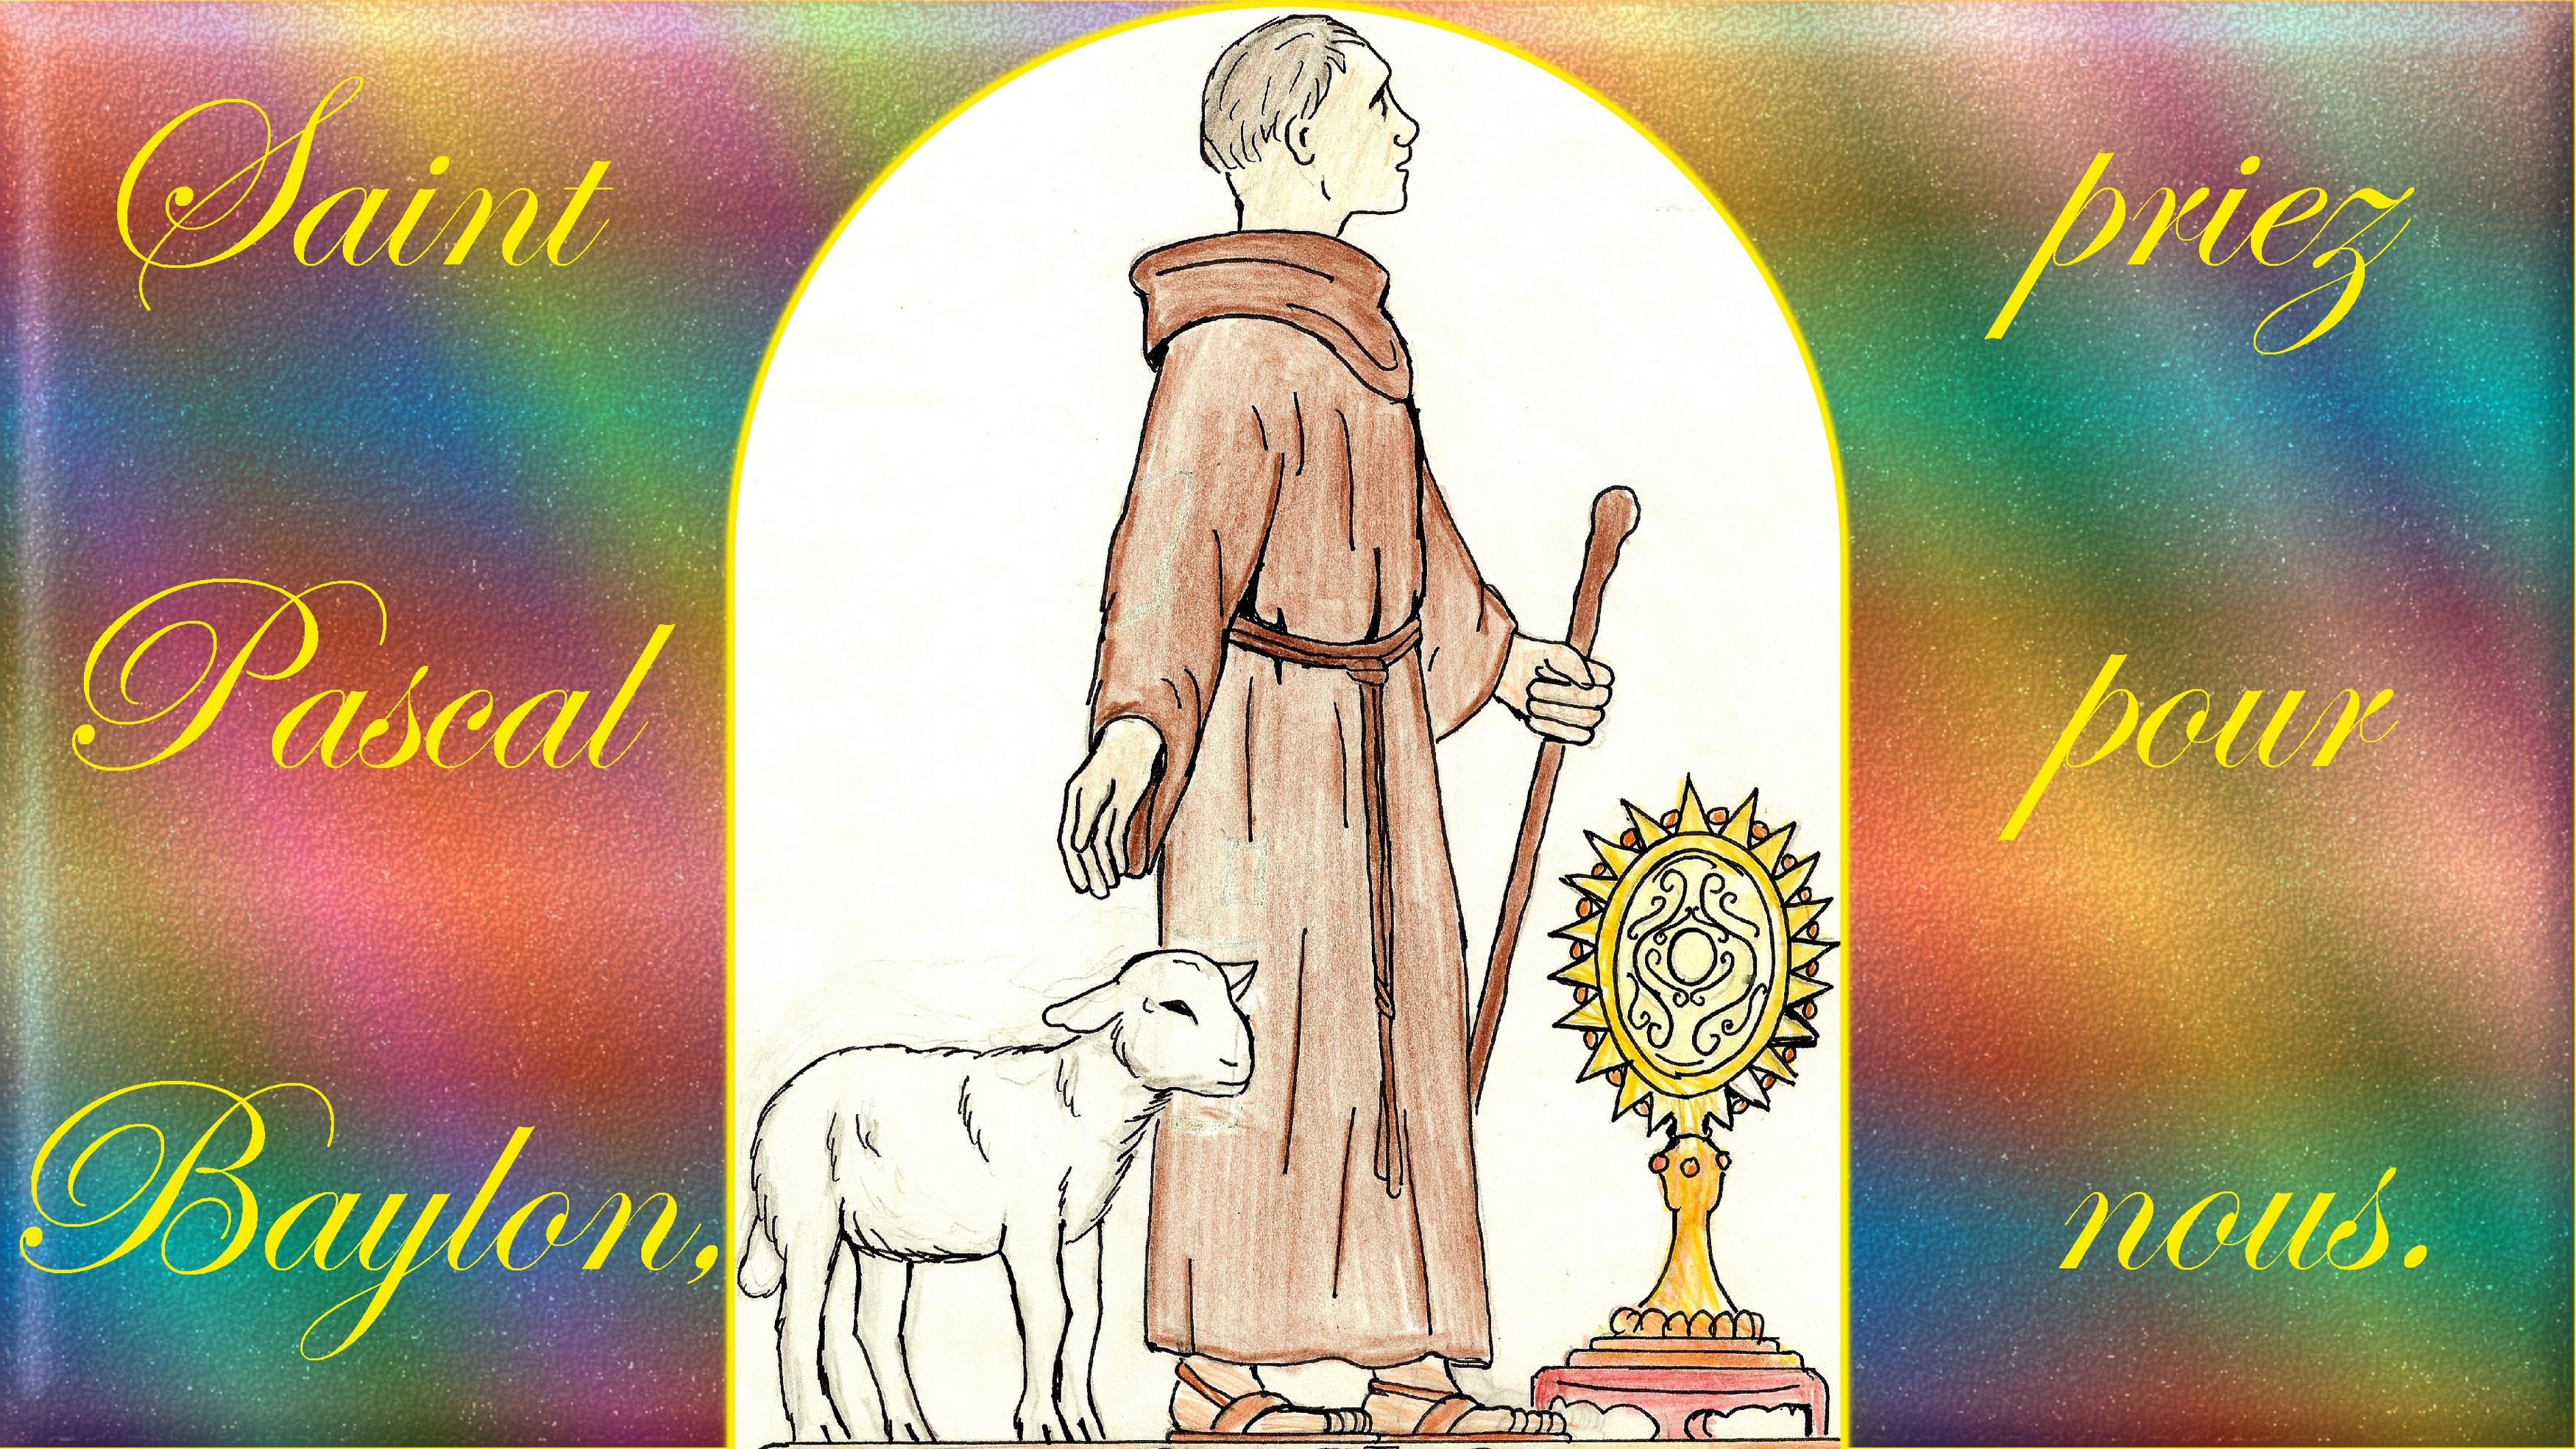 CALENDRIER CATHOLIQUE 2020 (Cantiques, Prières & Images) - Page 14 St-pascal-baylon-5761d25